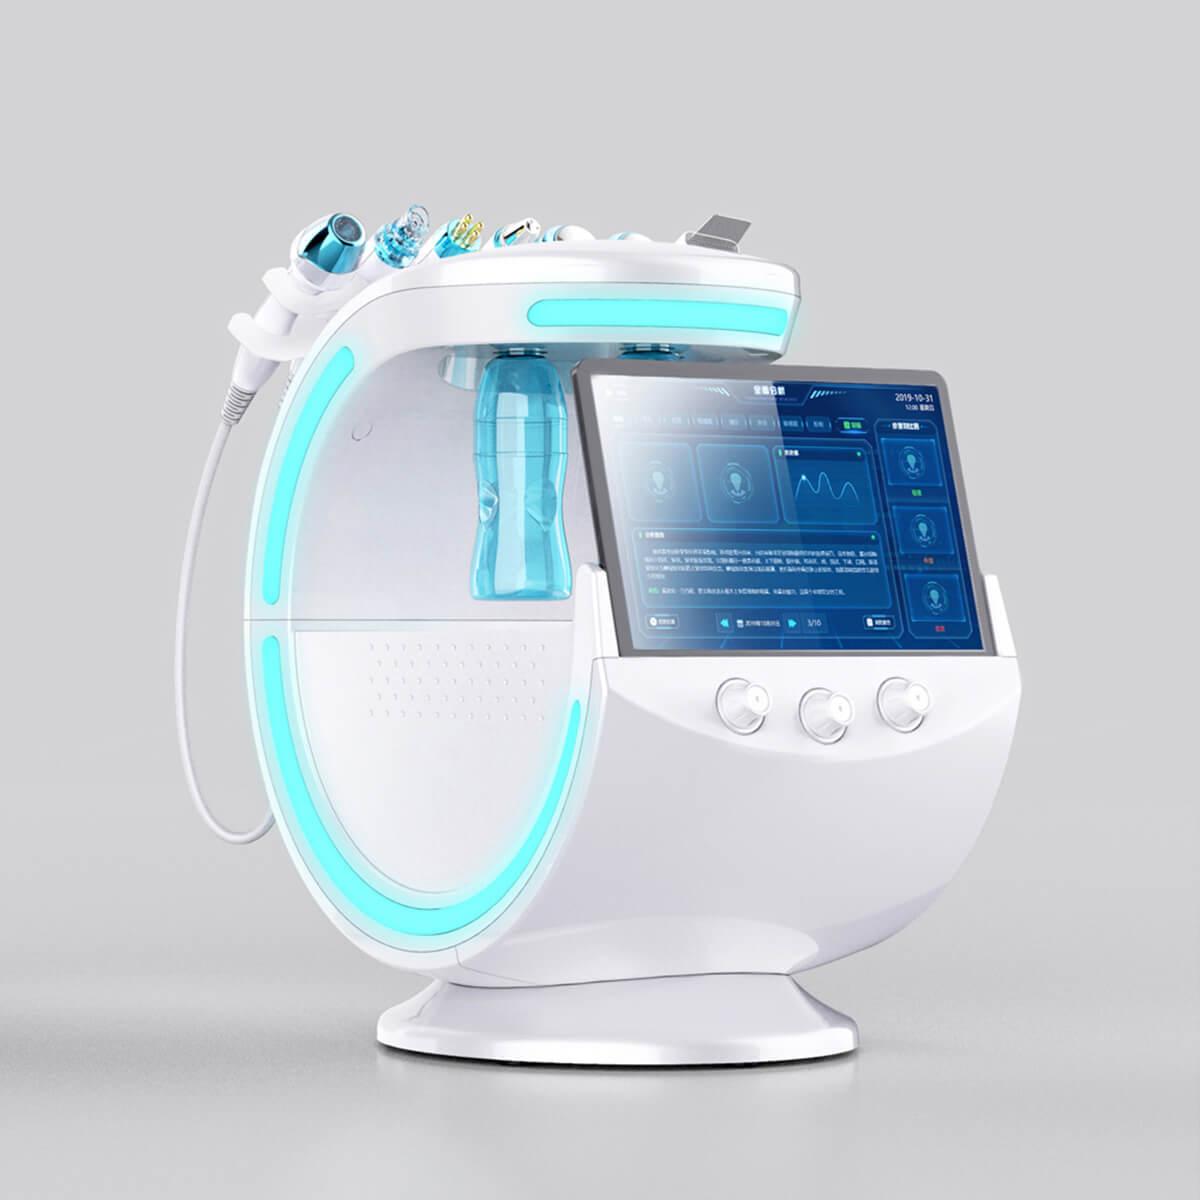 7 in 1 Hydra Smart Skin Analysis machine 13